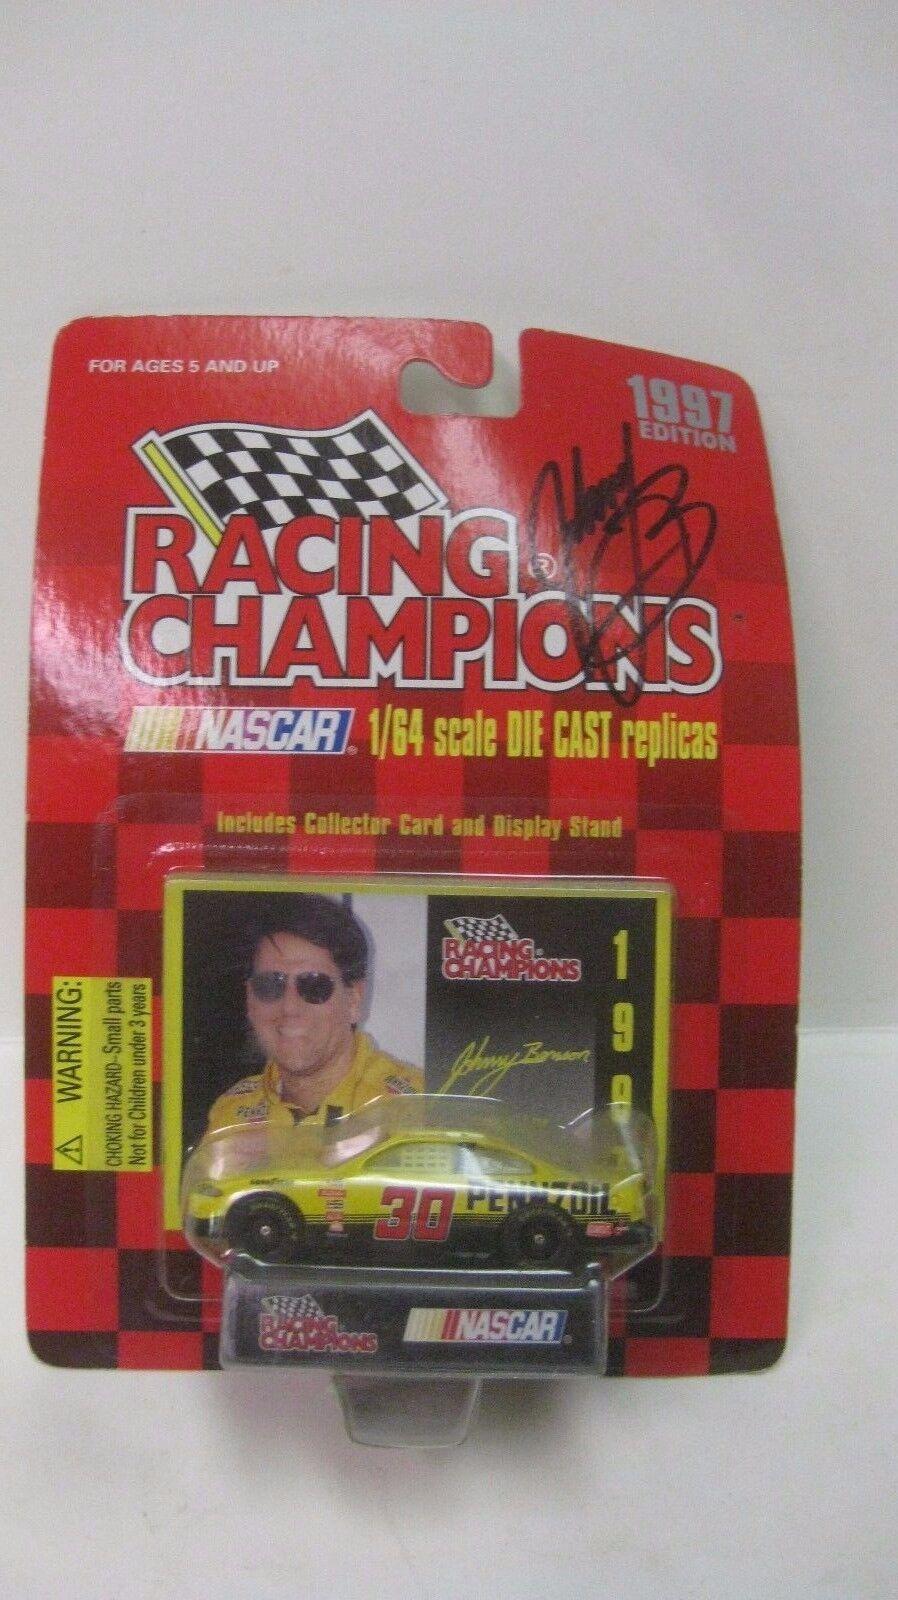 Nascar 1997 Edizione Johnny Benson Autografato Gran Premio 1 64 Pressofuso Nuovo